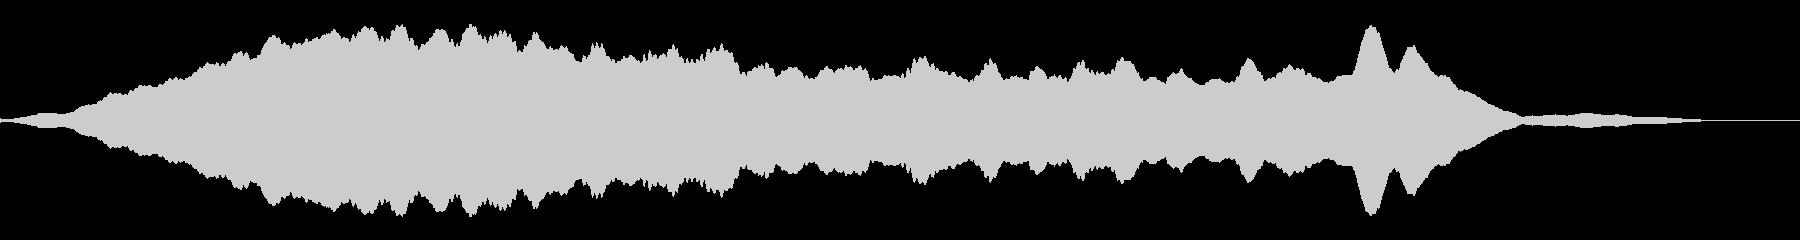 キーン(閃いた、気づいた音)の未再生の波形